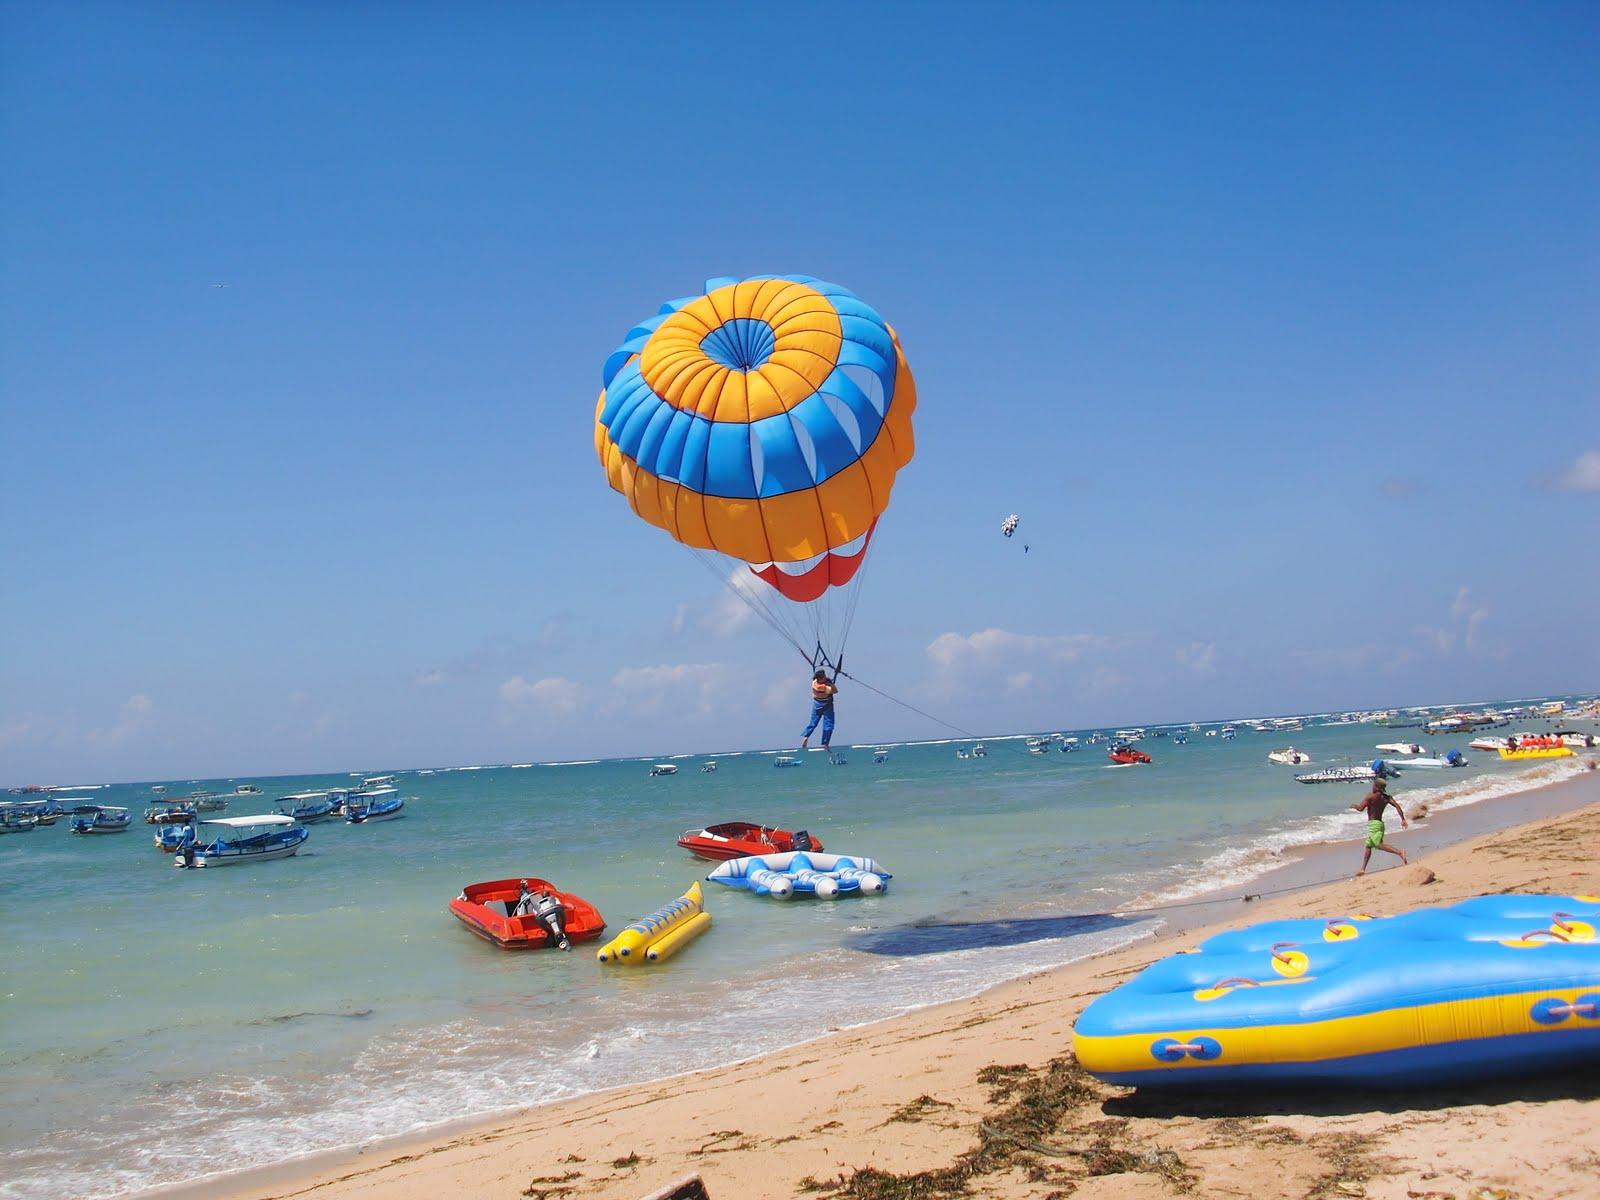 http://www.prasannaholidays.com/wp-content/uploads/2014/05/Parasailing-at-Tanjung-Benoa-Bali-10.jpg